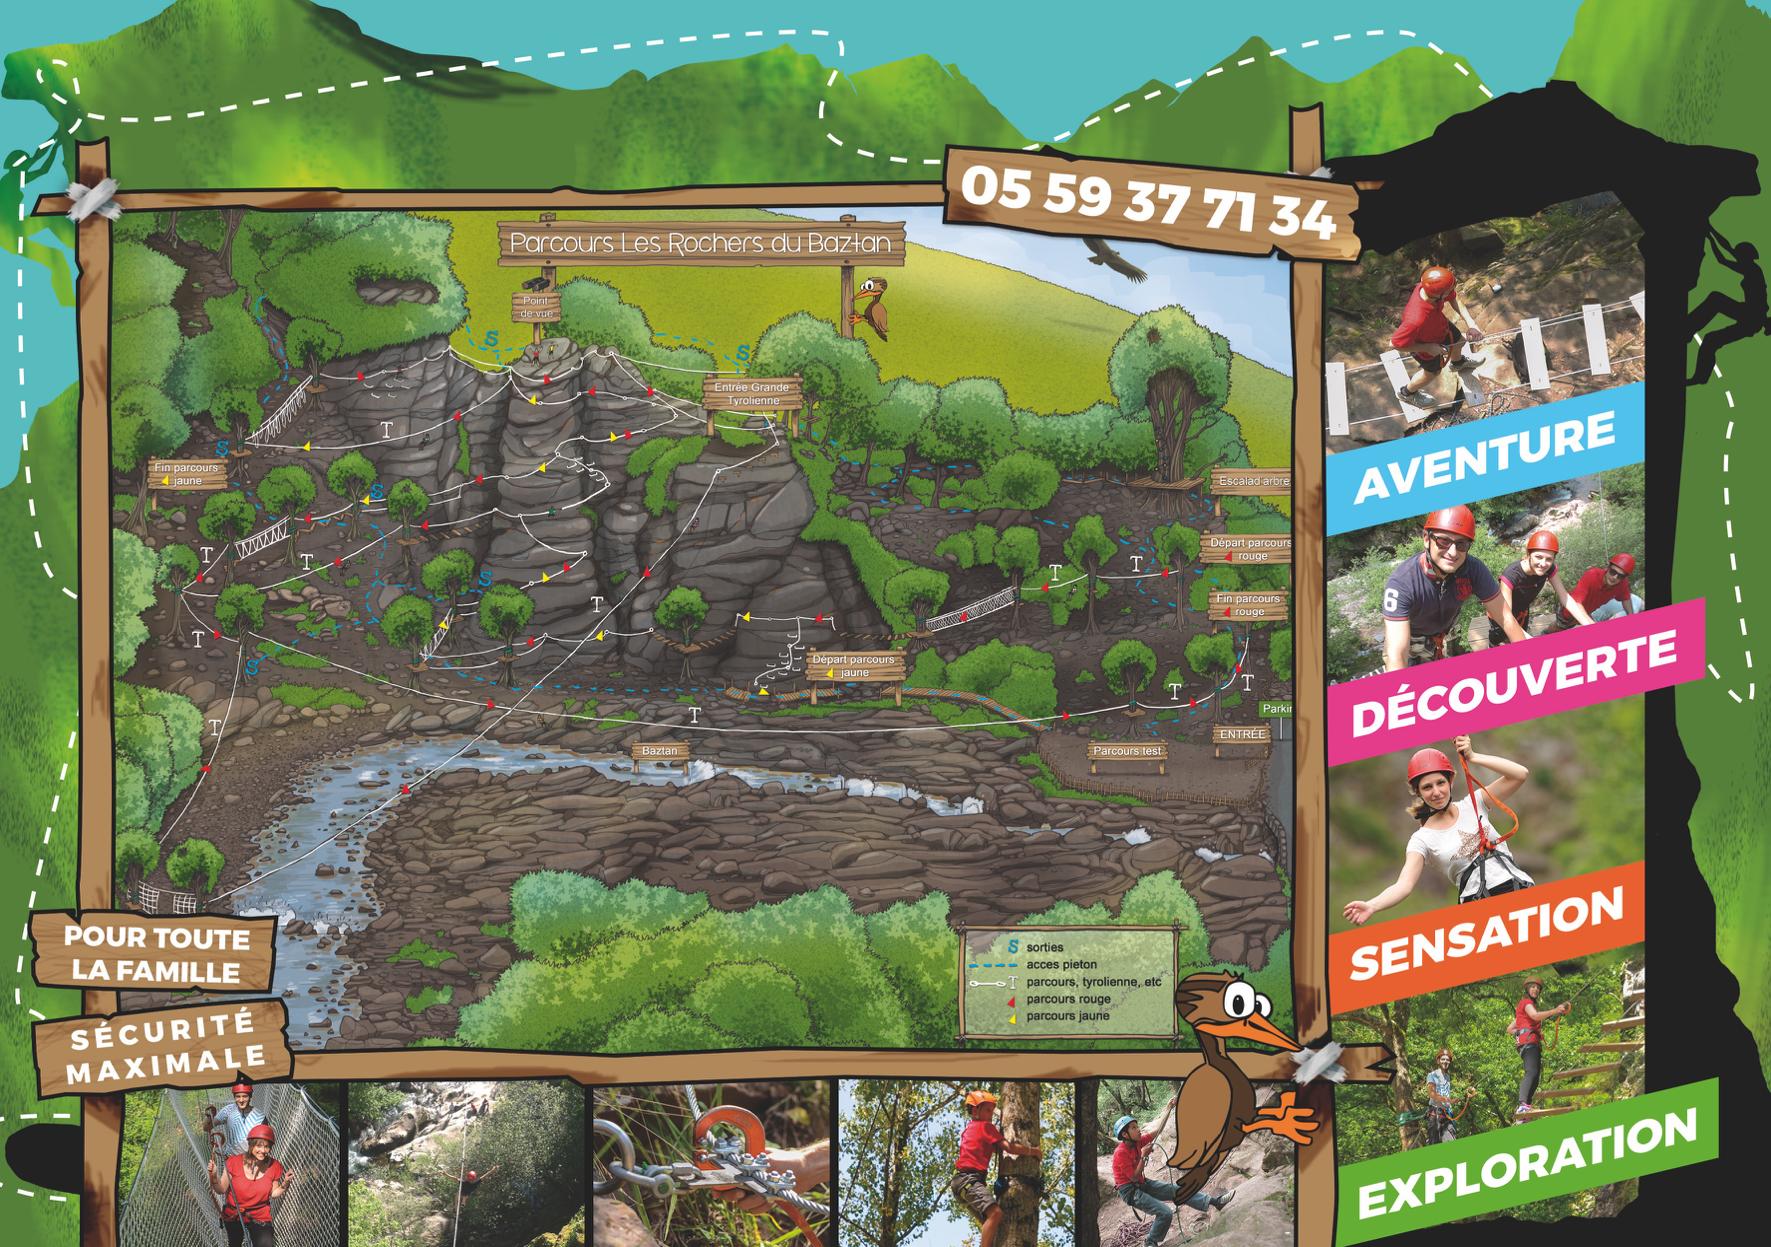 Brochure parc aventure